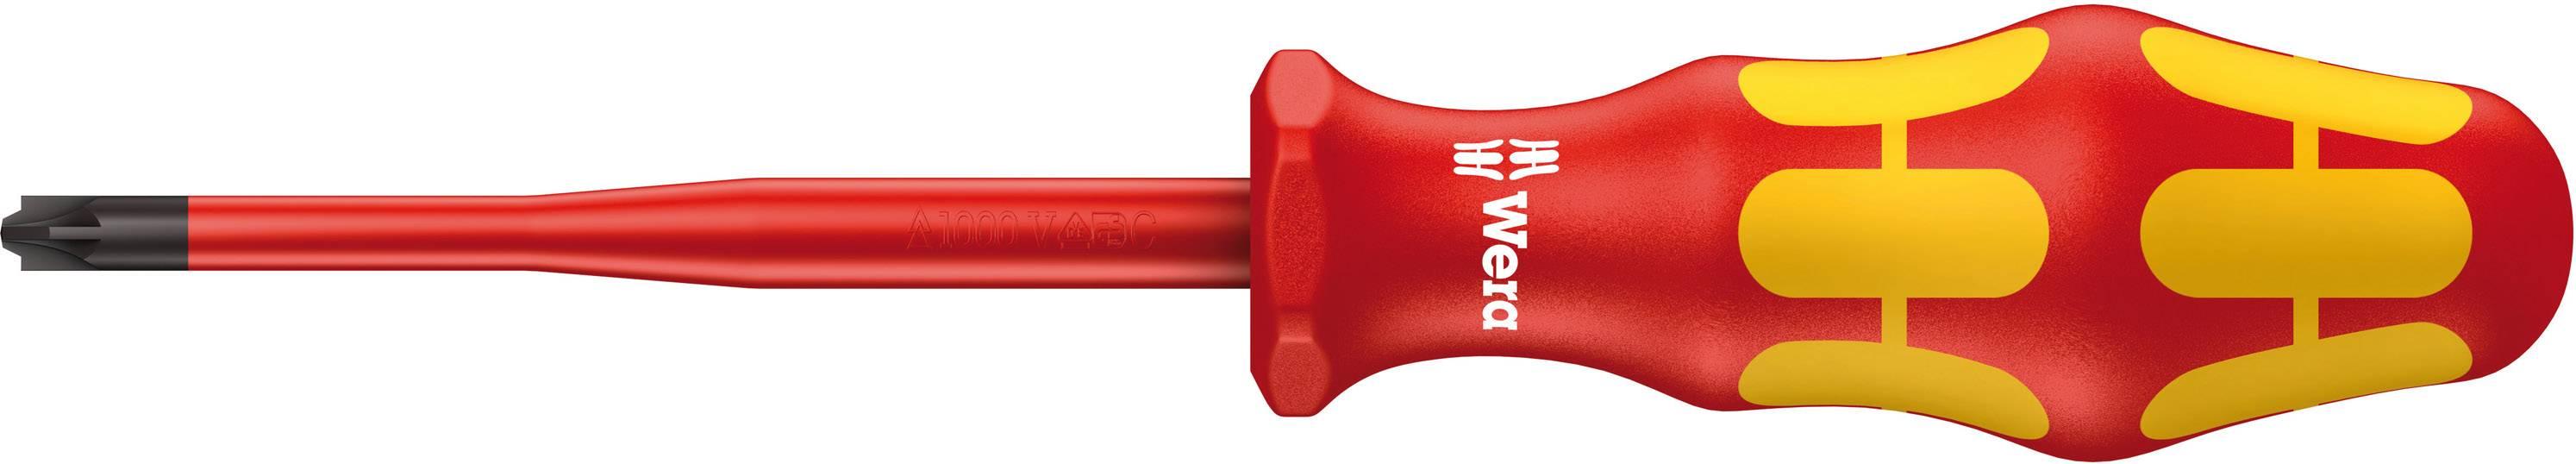 Křížový šroubovák Wera VDE PZ/S 1 x 80 mm